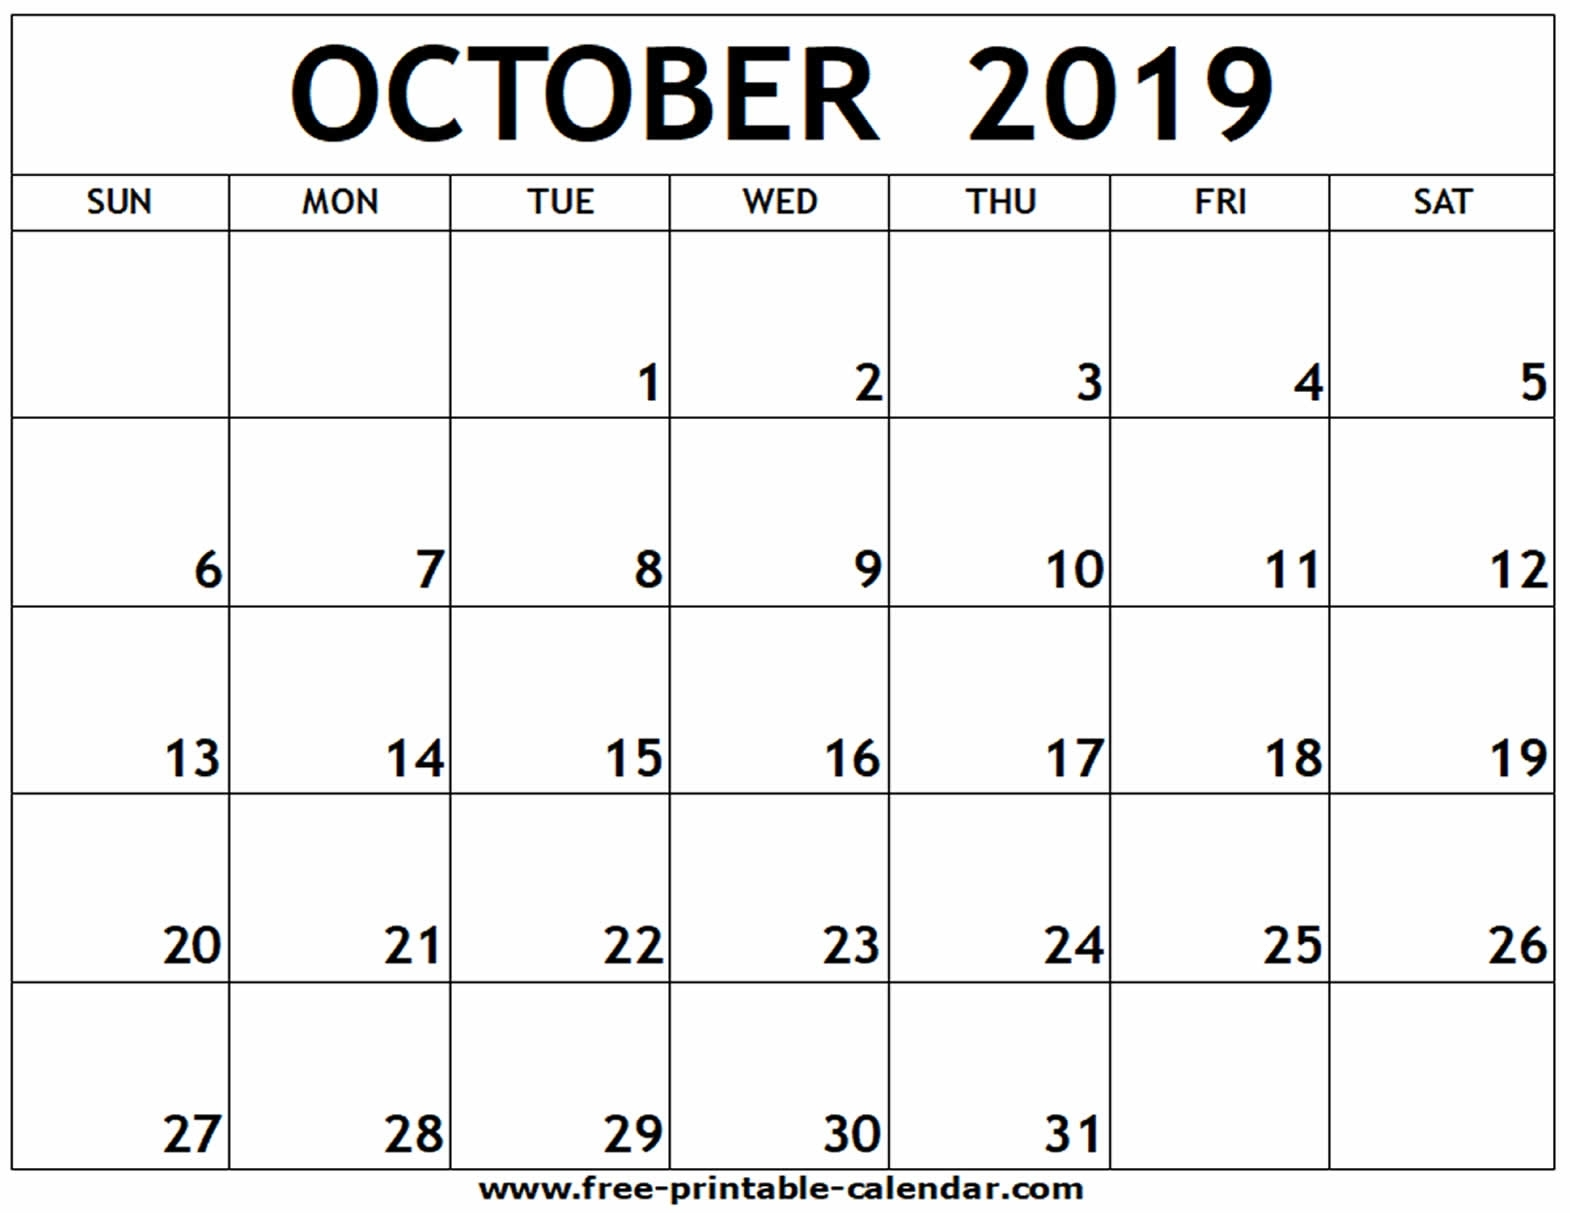 October 2019 Printable Calendar - Free-Printable-Calendar